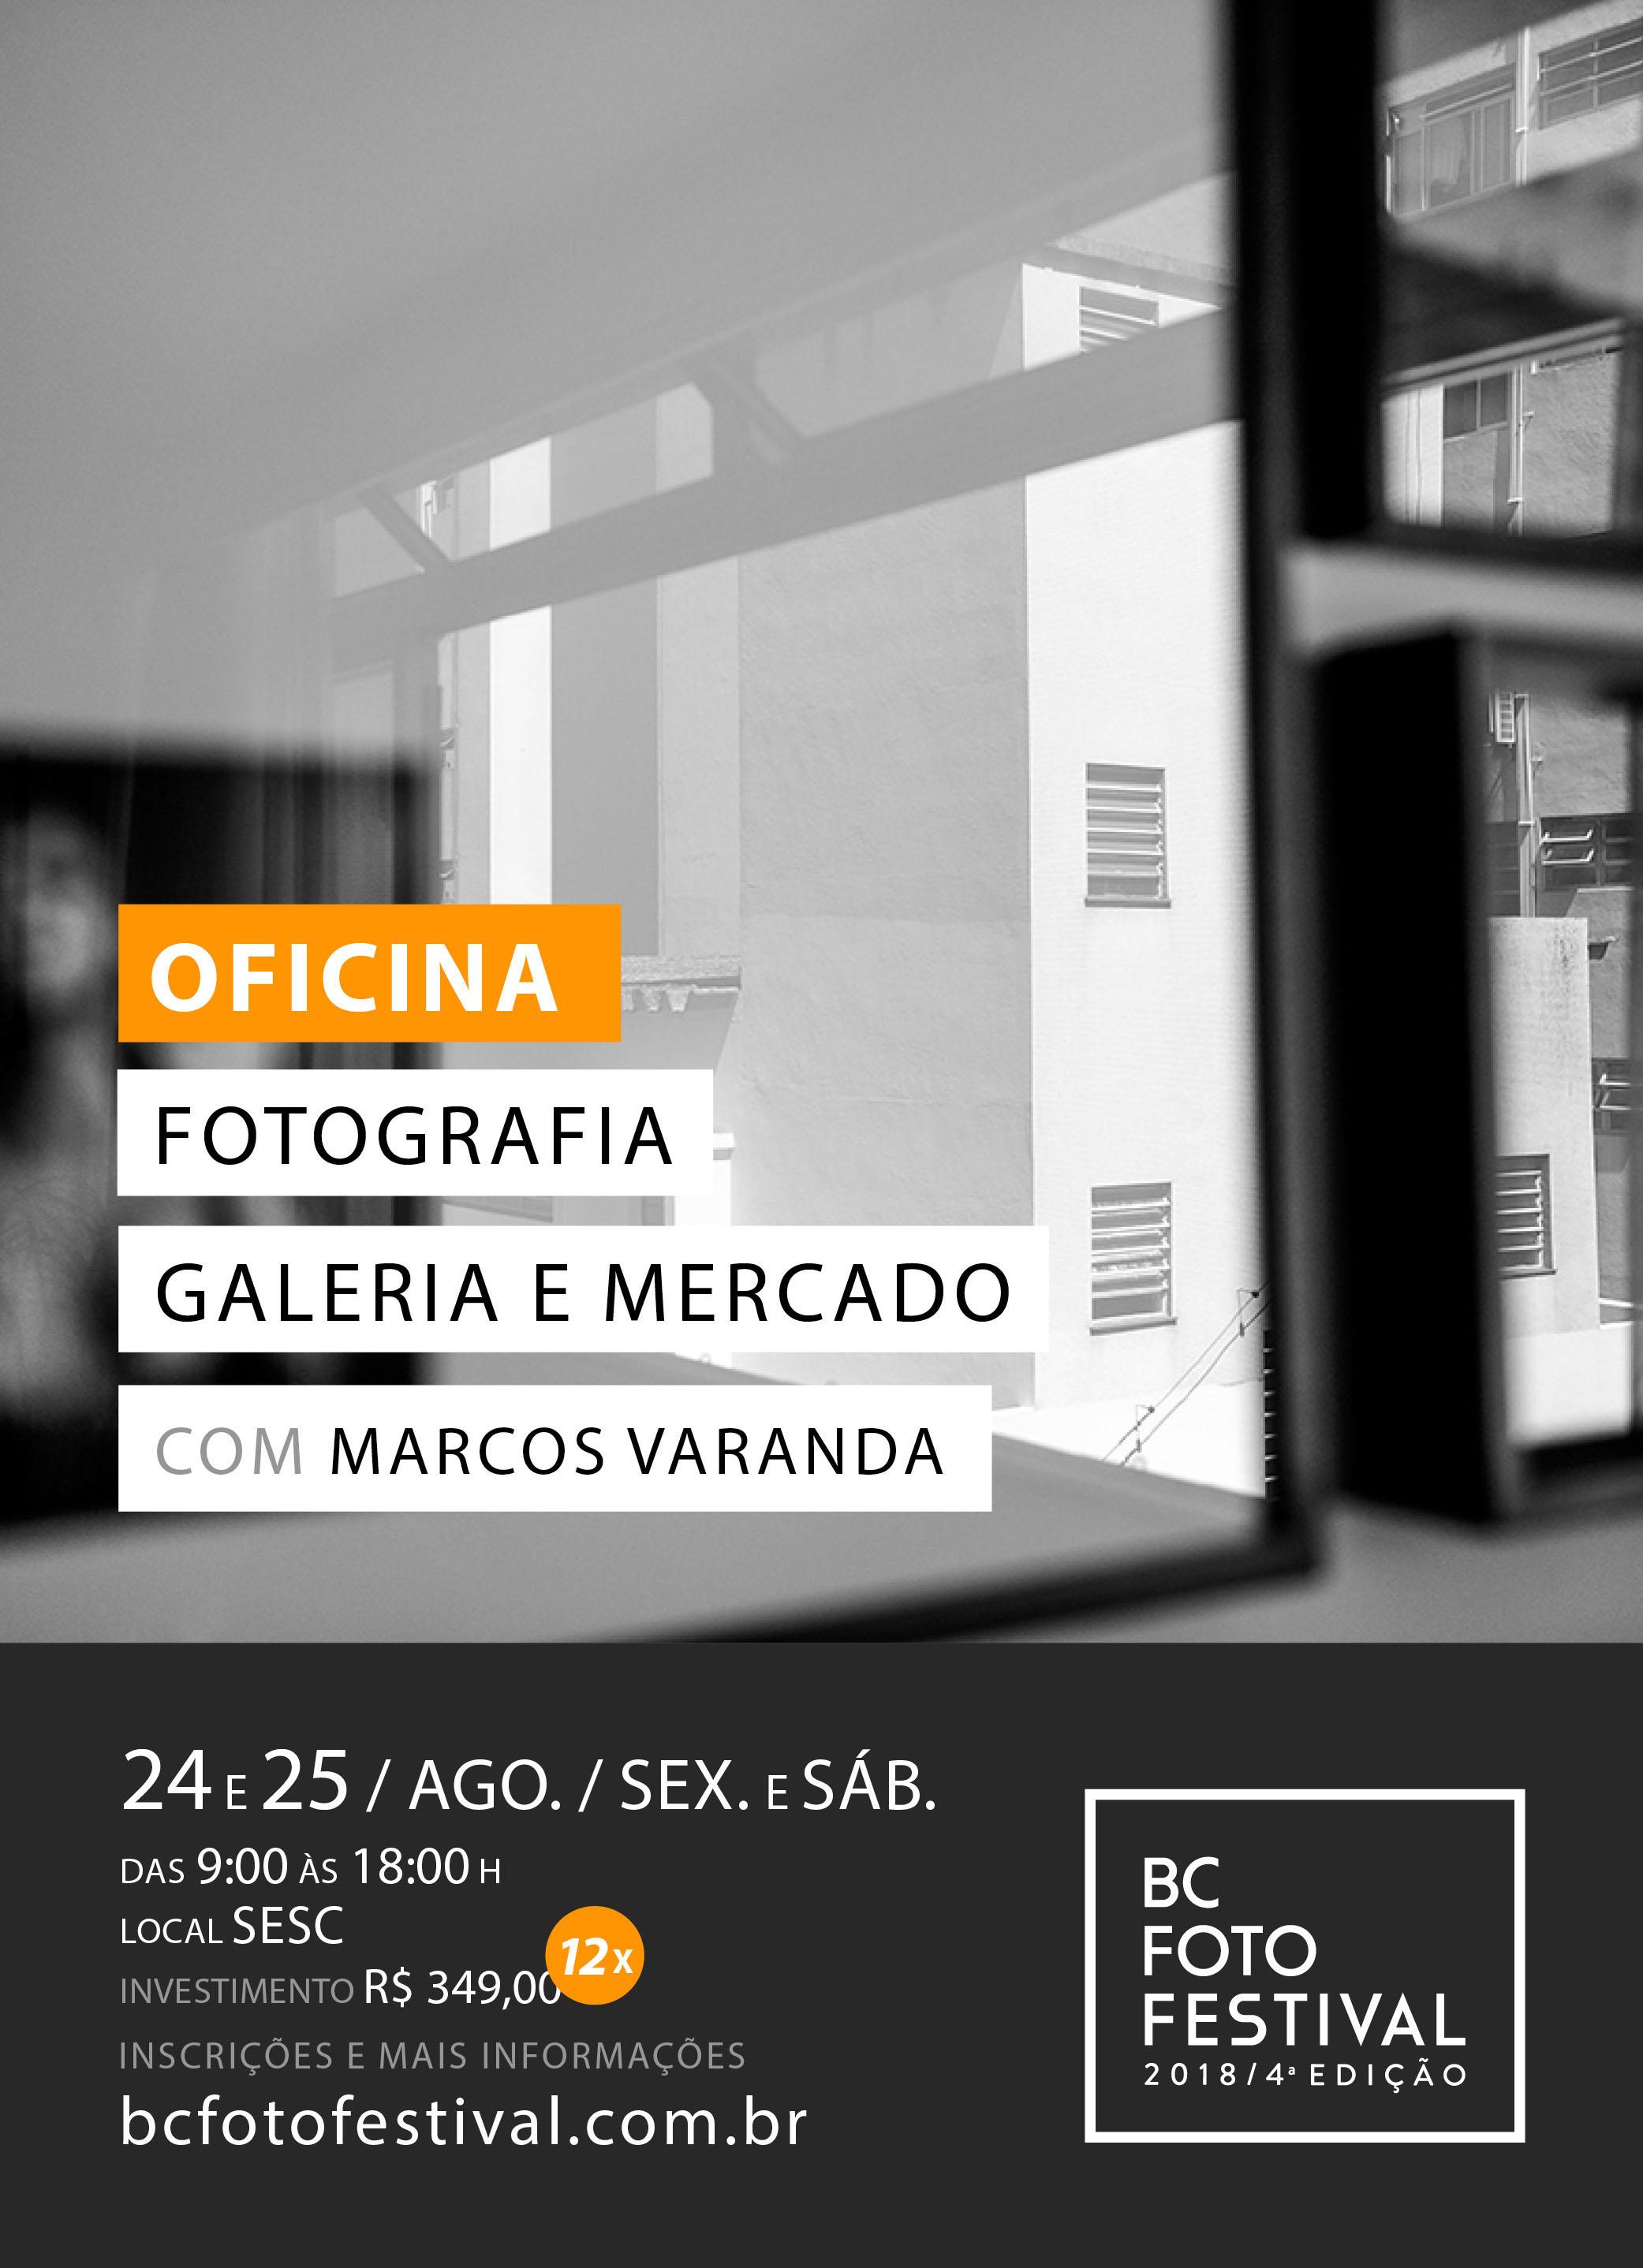 Oficina – Fotografia Galeria e Mercado